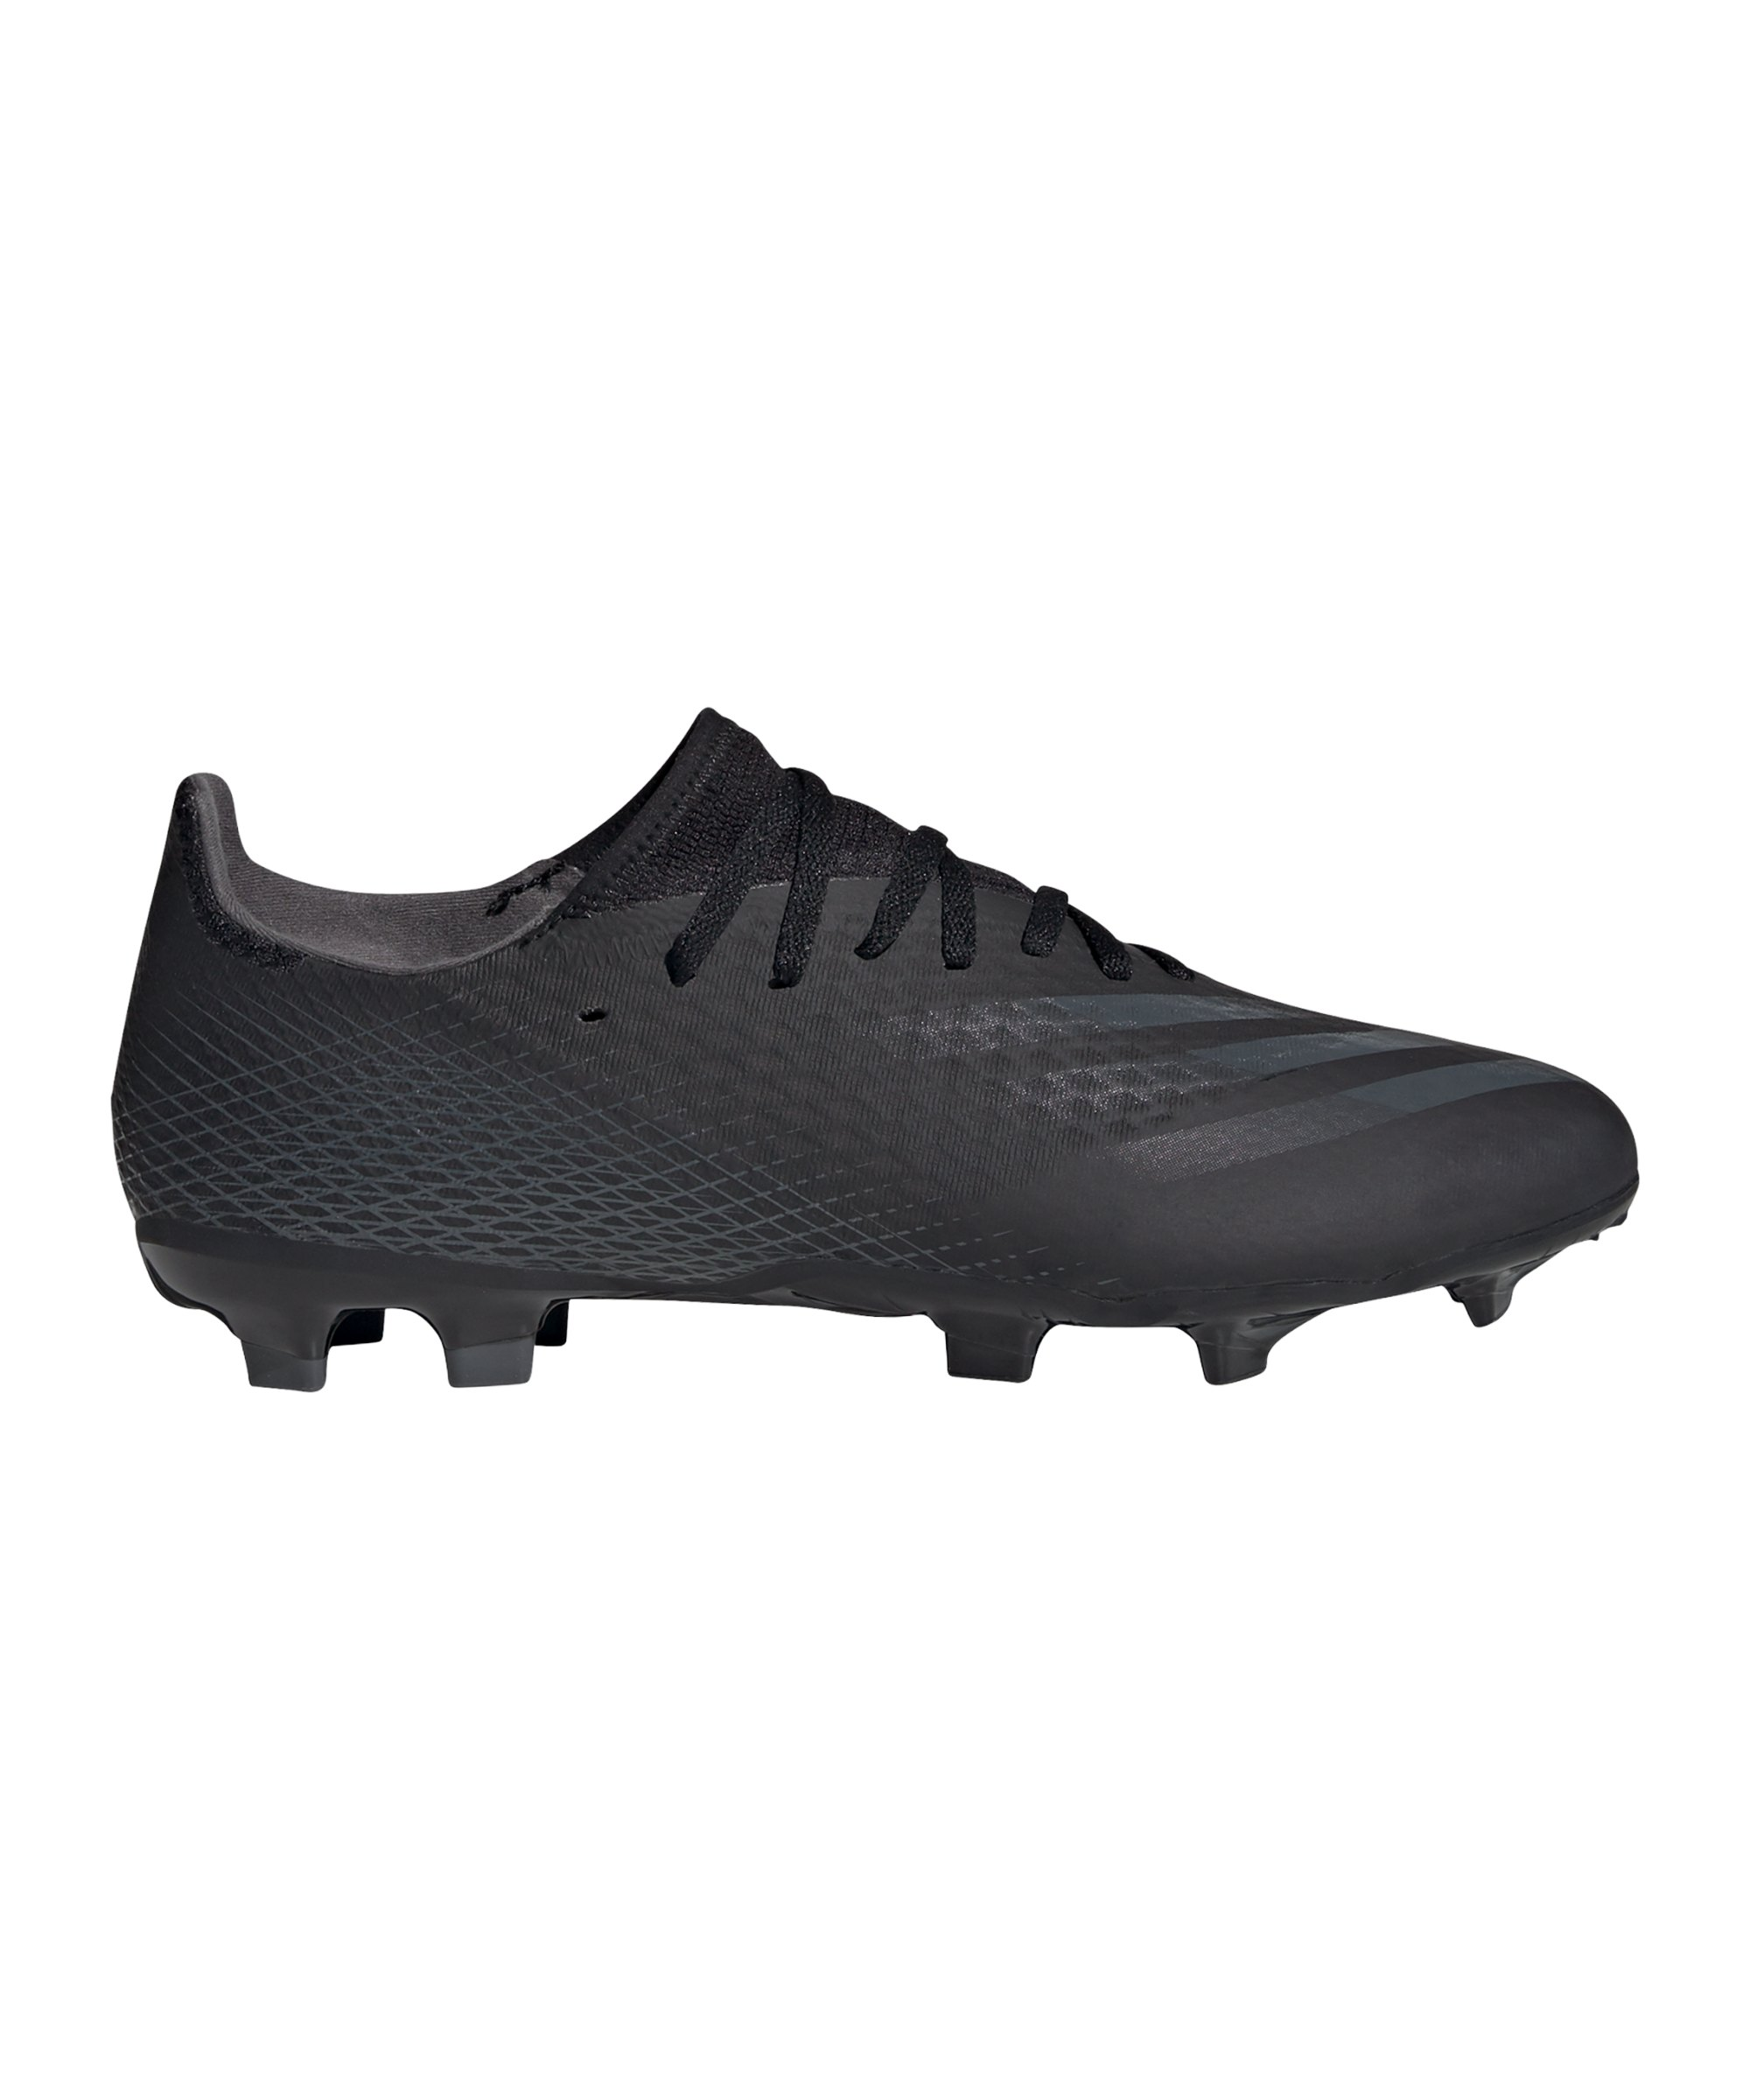 adidas X GHOSTED.3 FG Dark Motion Schwarz Grau - schwarz